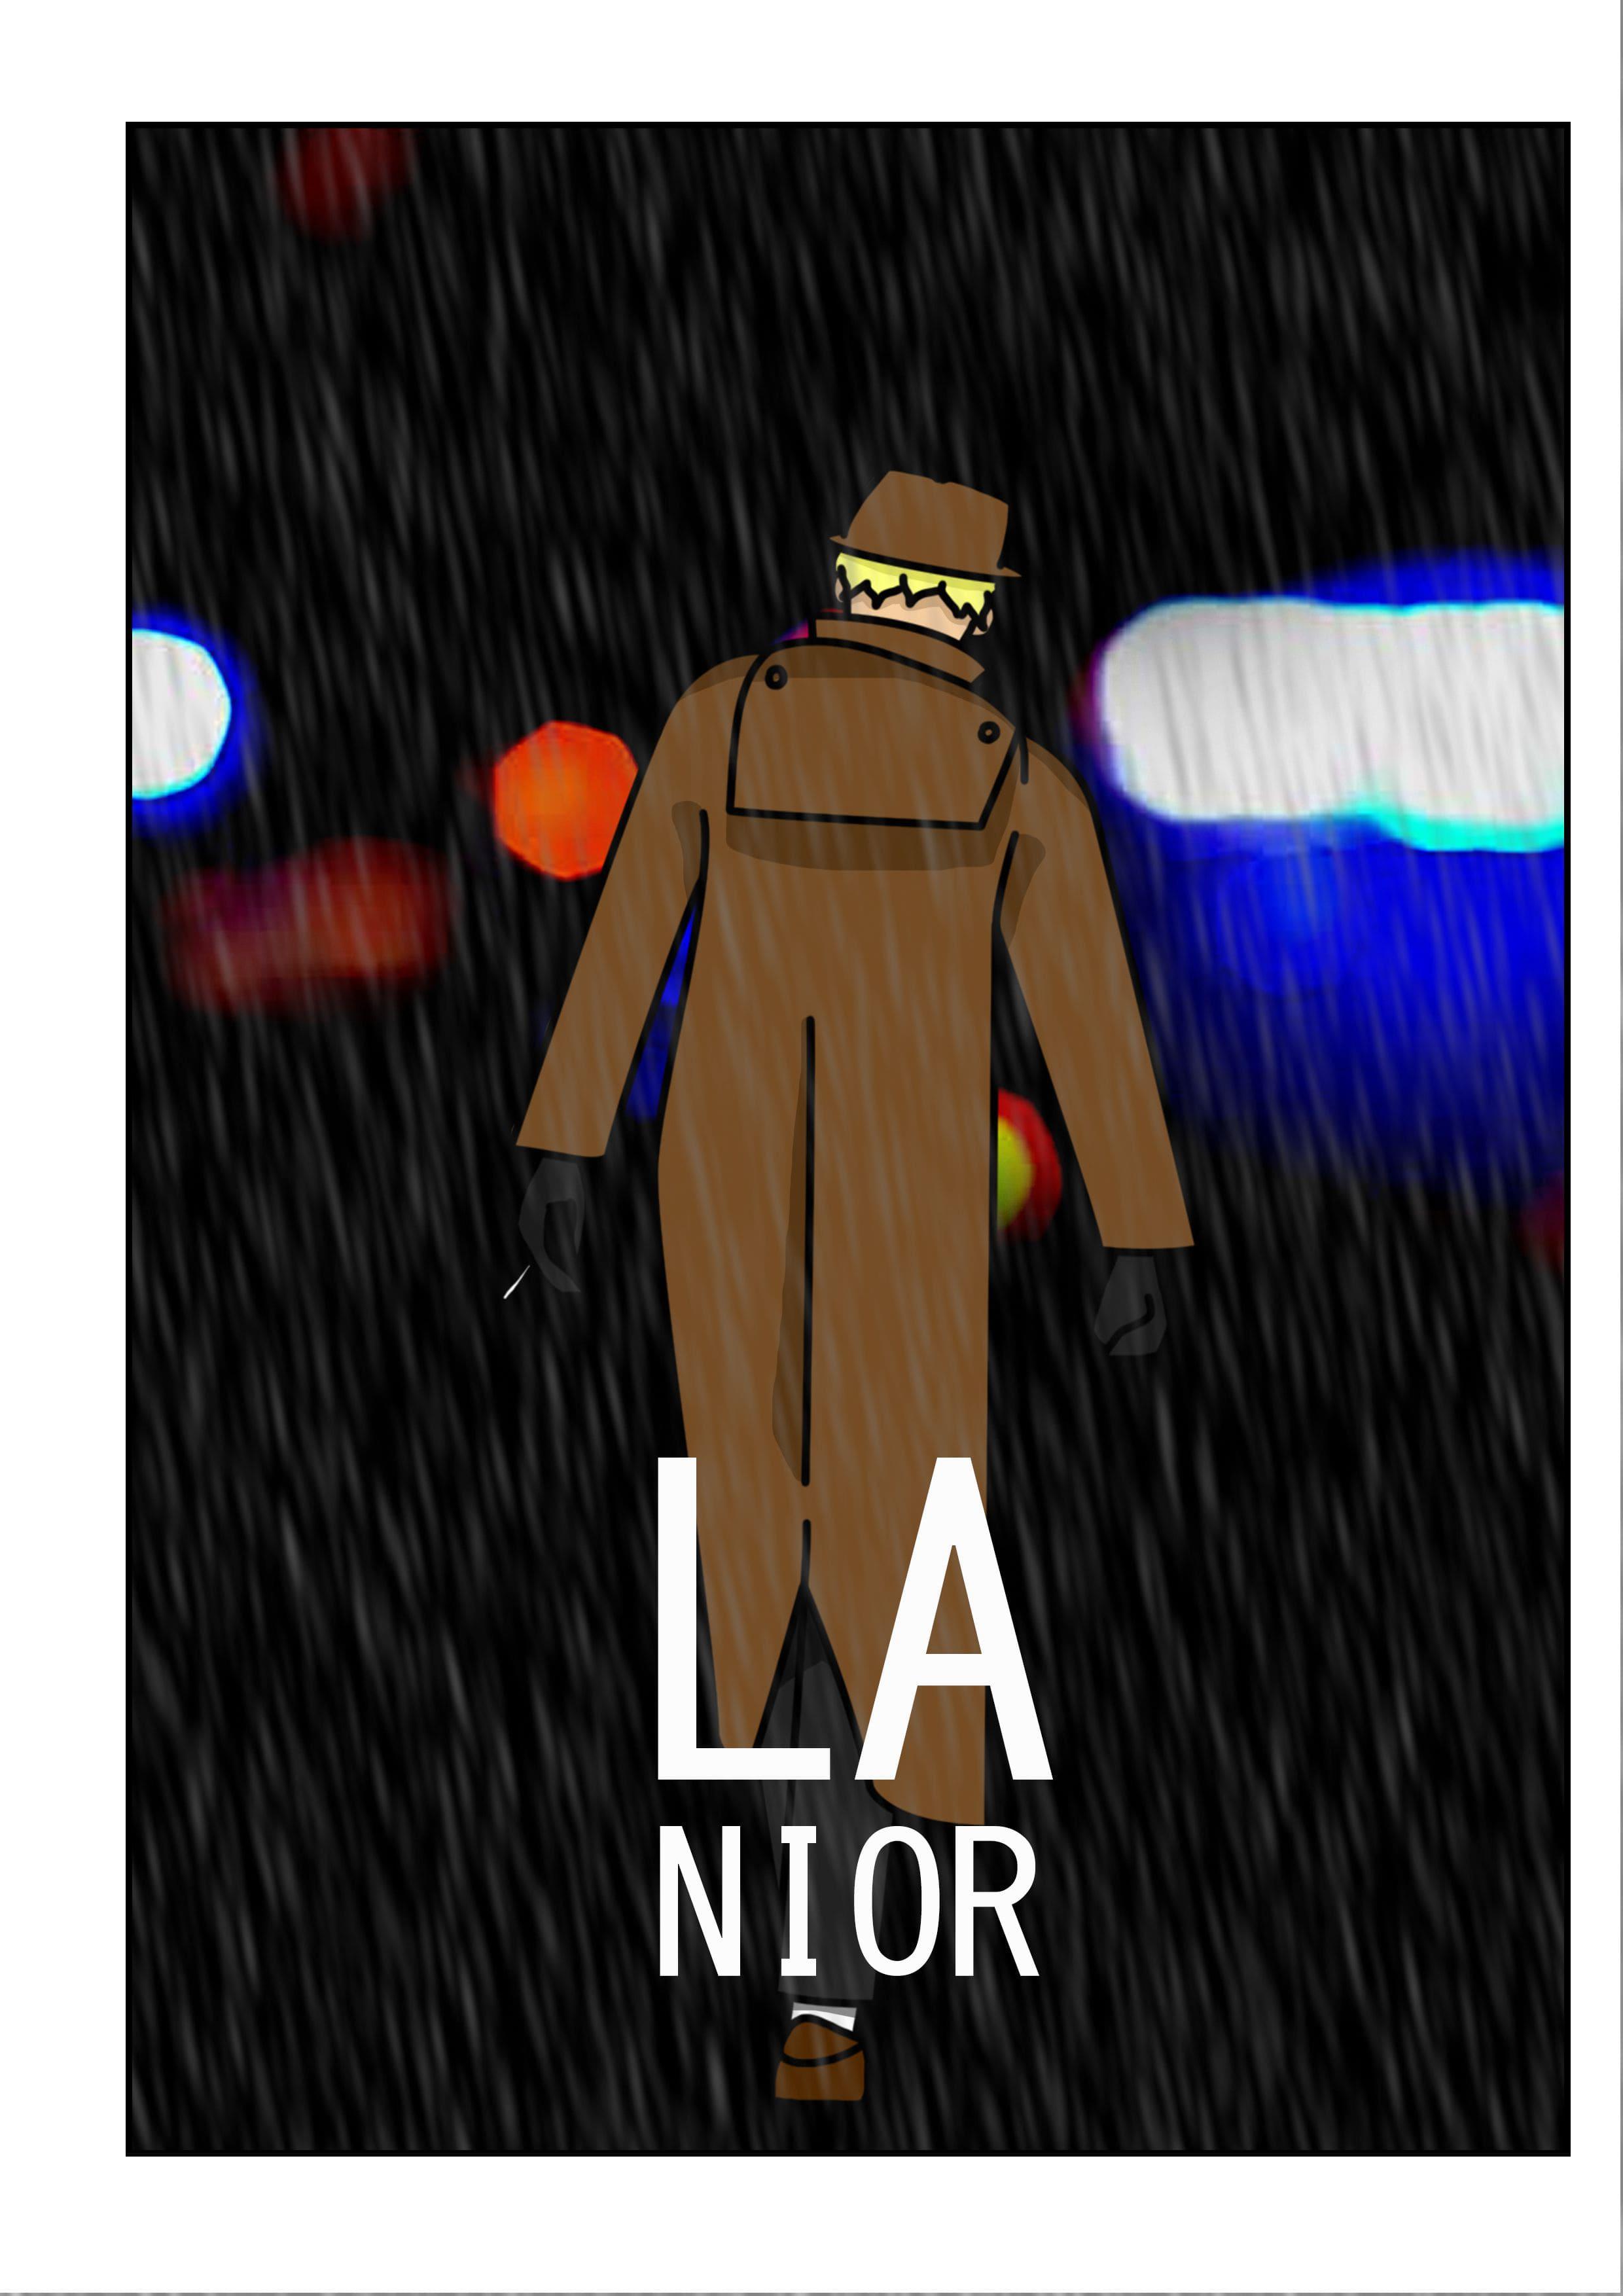 LA NIOR : ฆาตกรรม LA